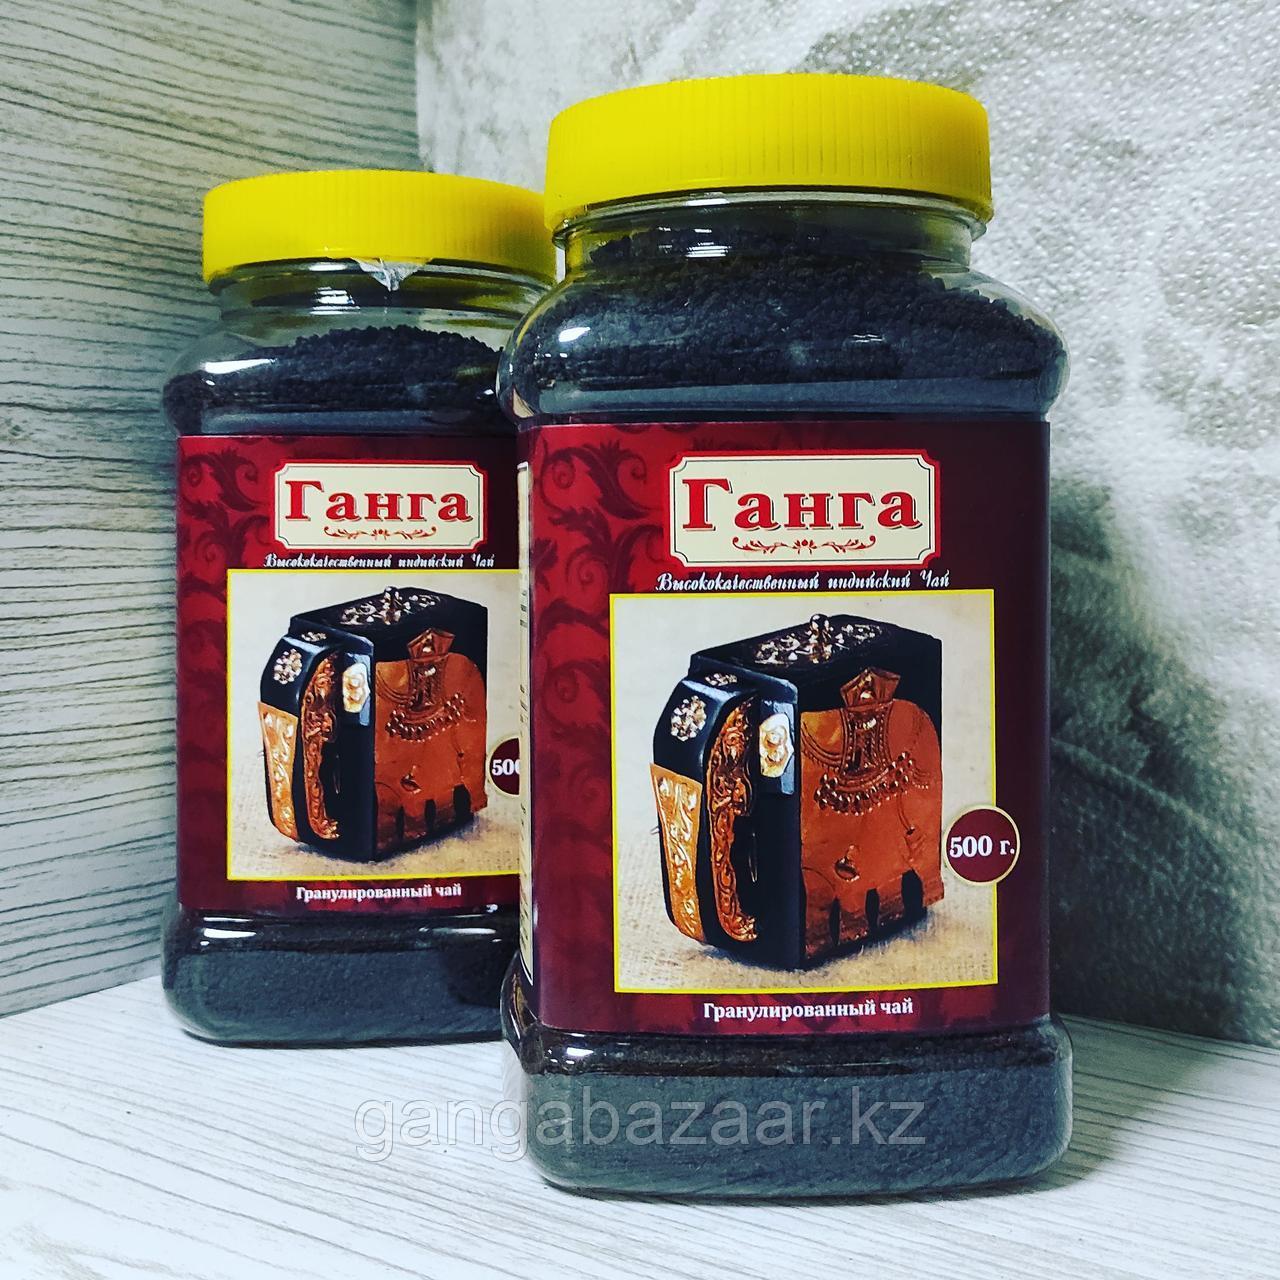 Индийский черный гранулированный чай Ганга, крепкий, высшего сорта, без красителей, 500 гр